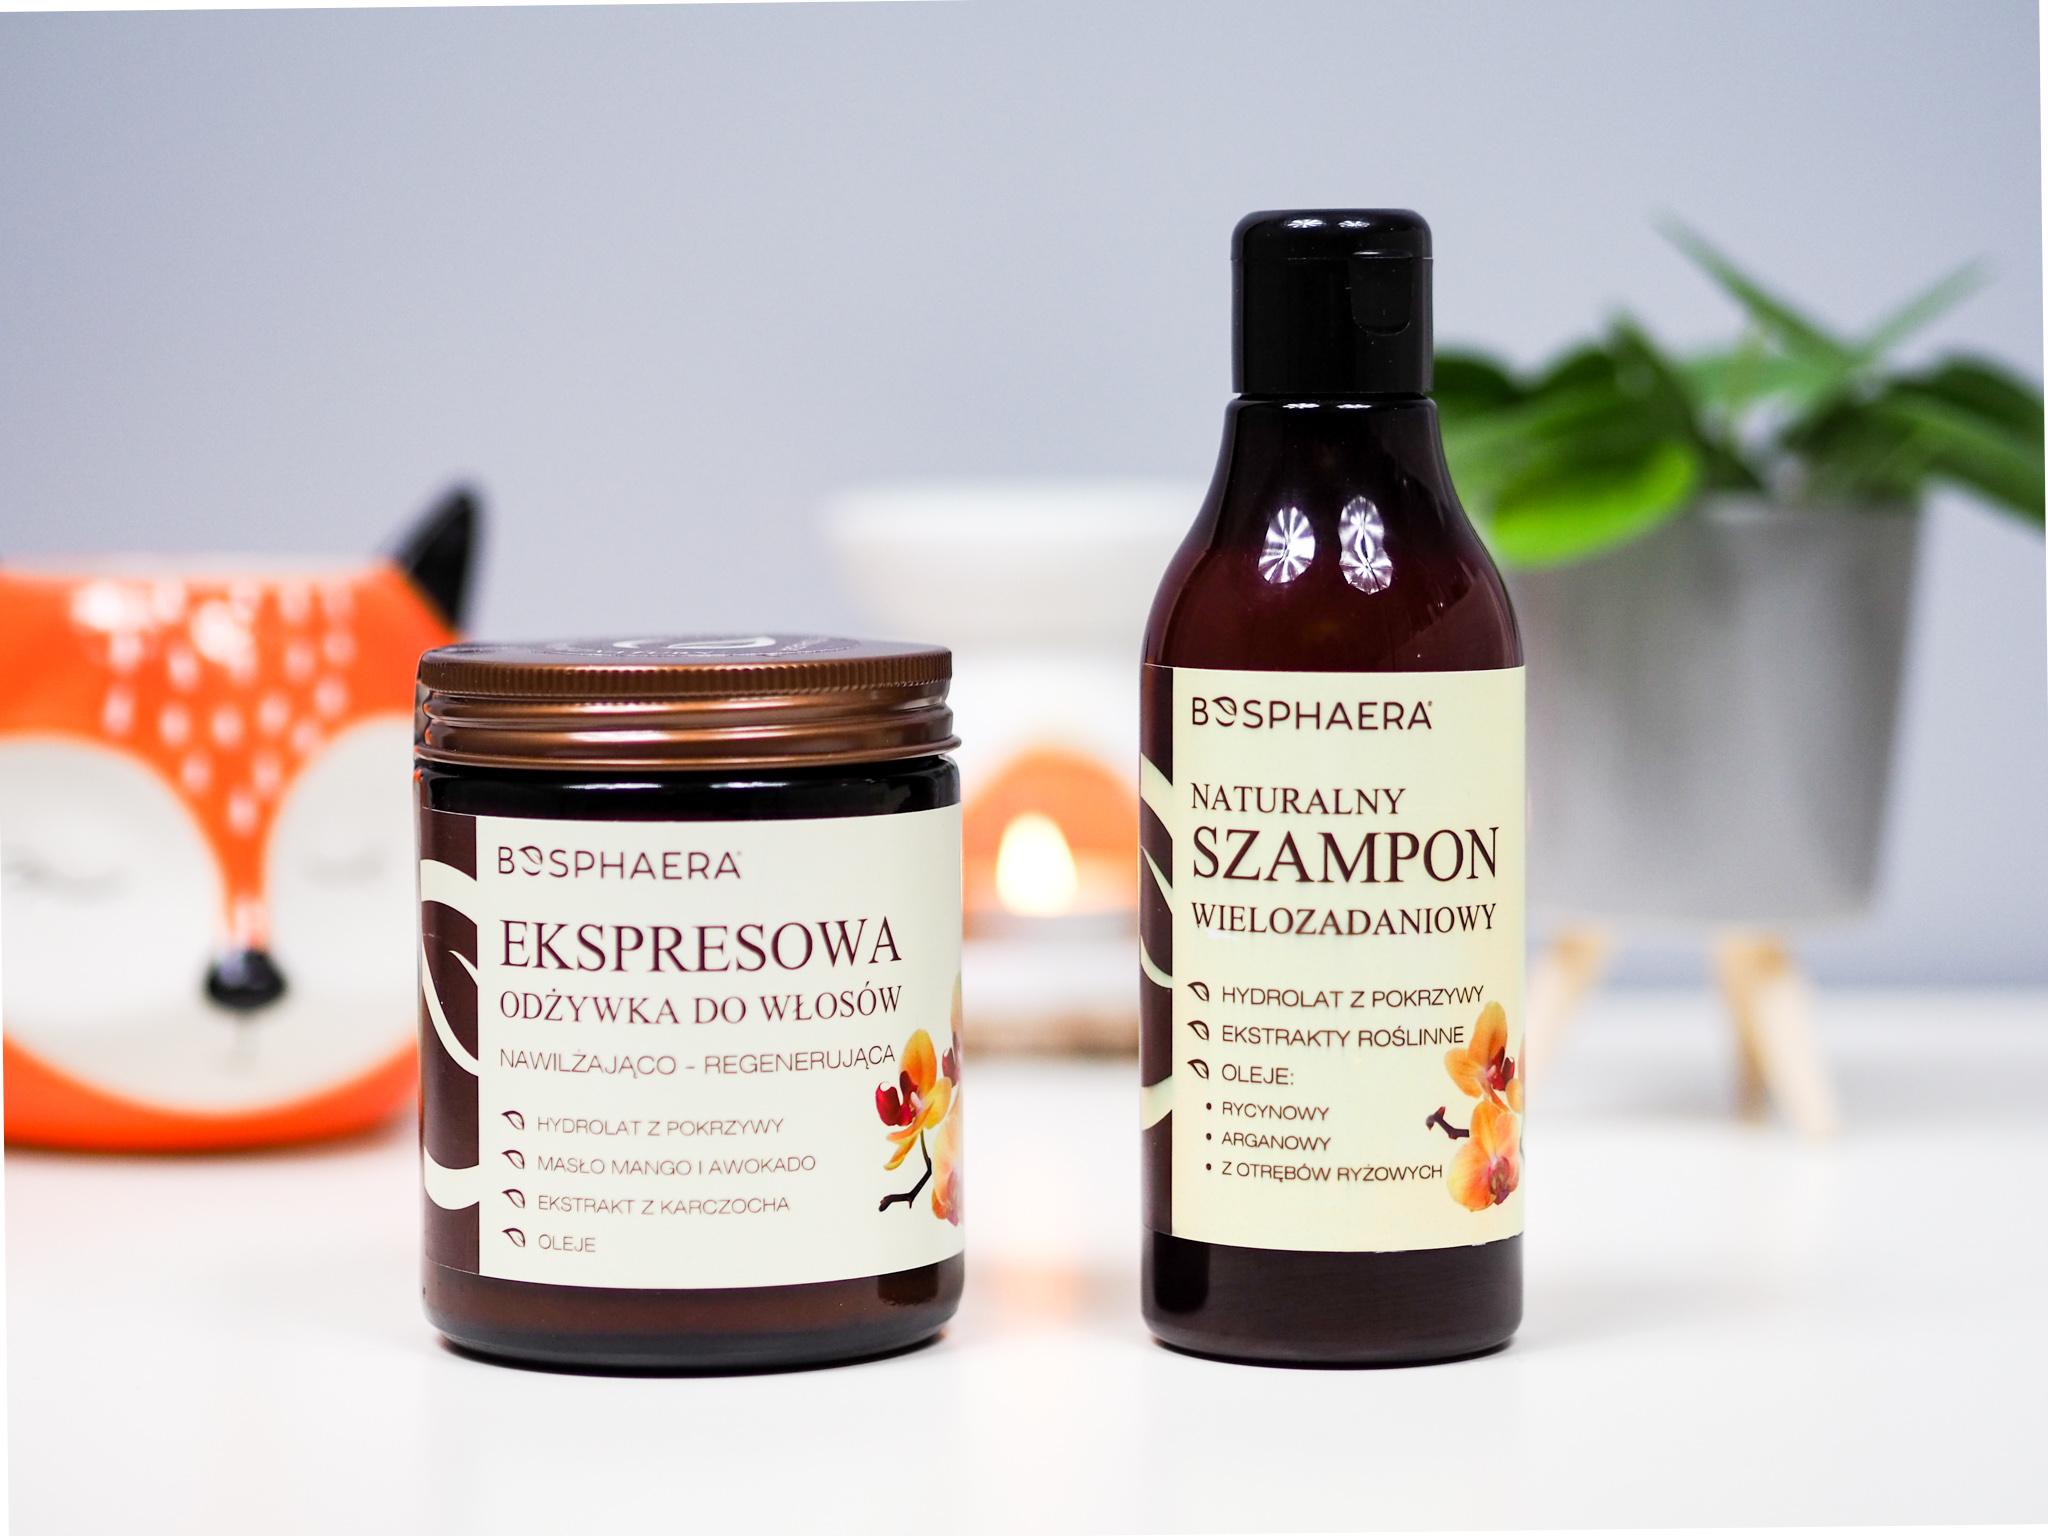 Bosphaera – Ekspresowa odżywka do włosów i Naturalny szampon wielozadaniowy – recenzja